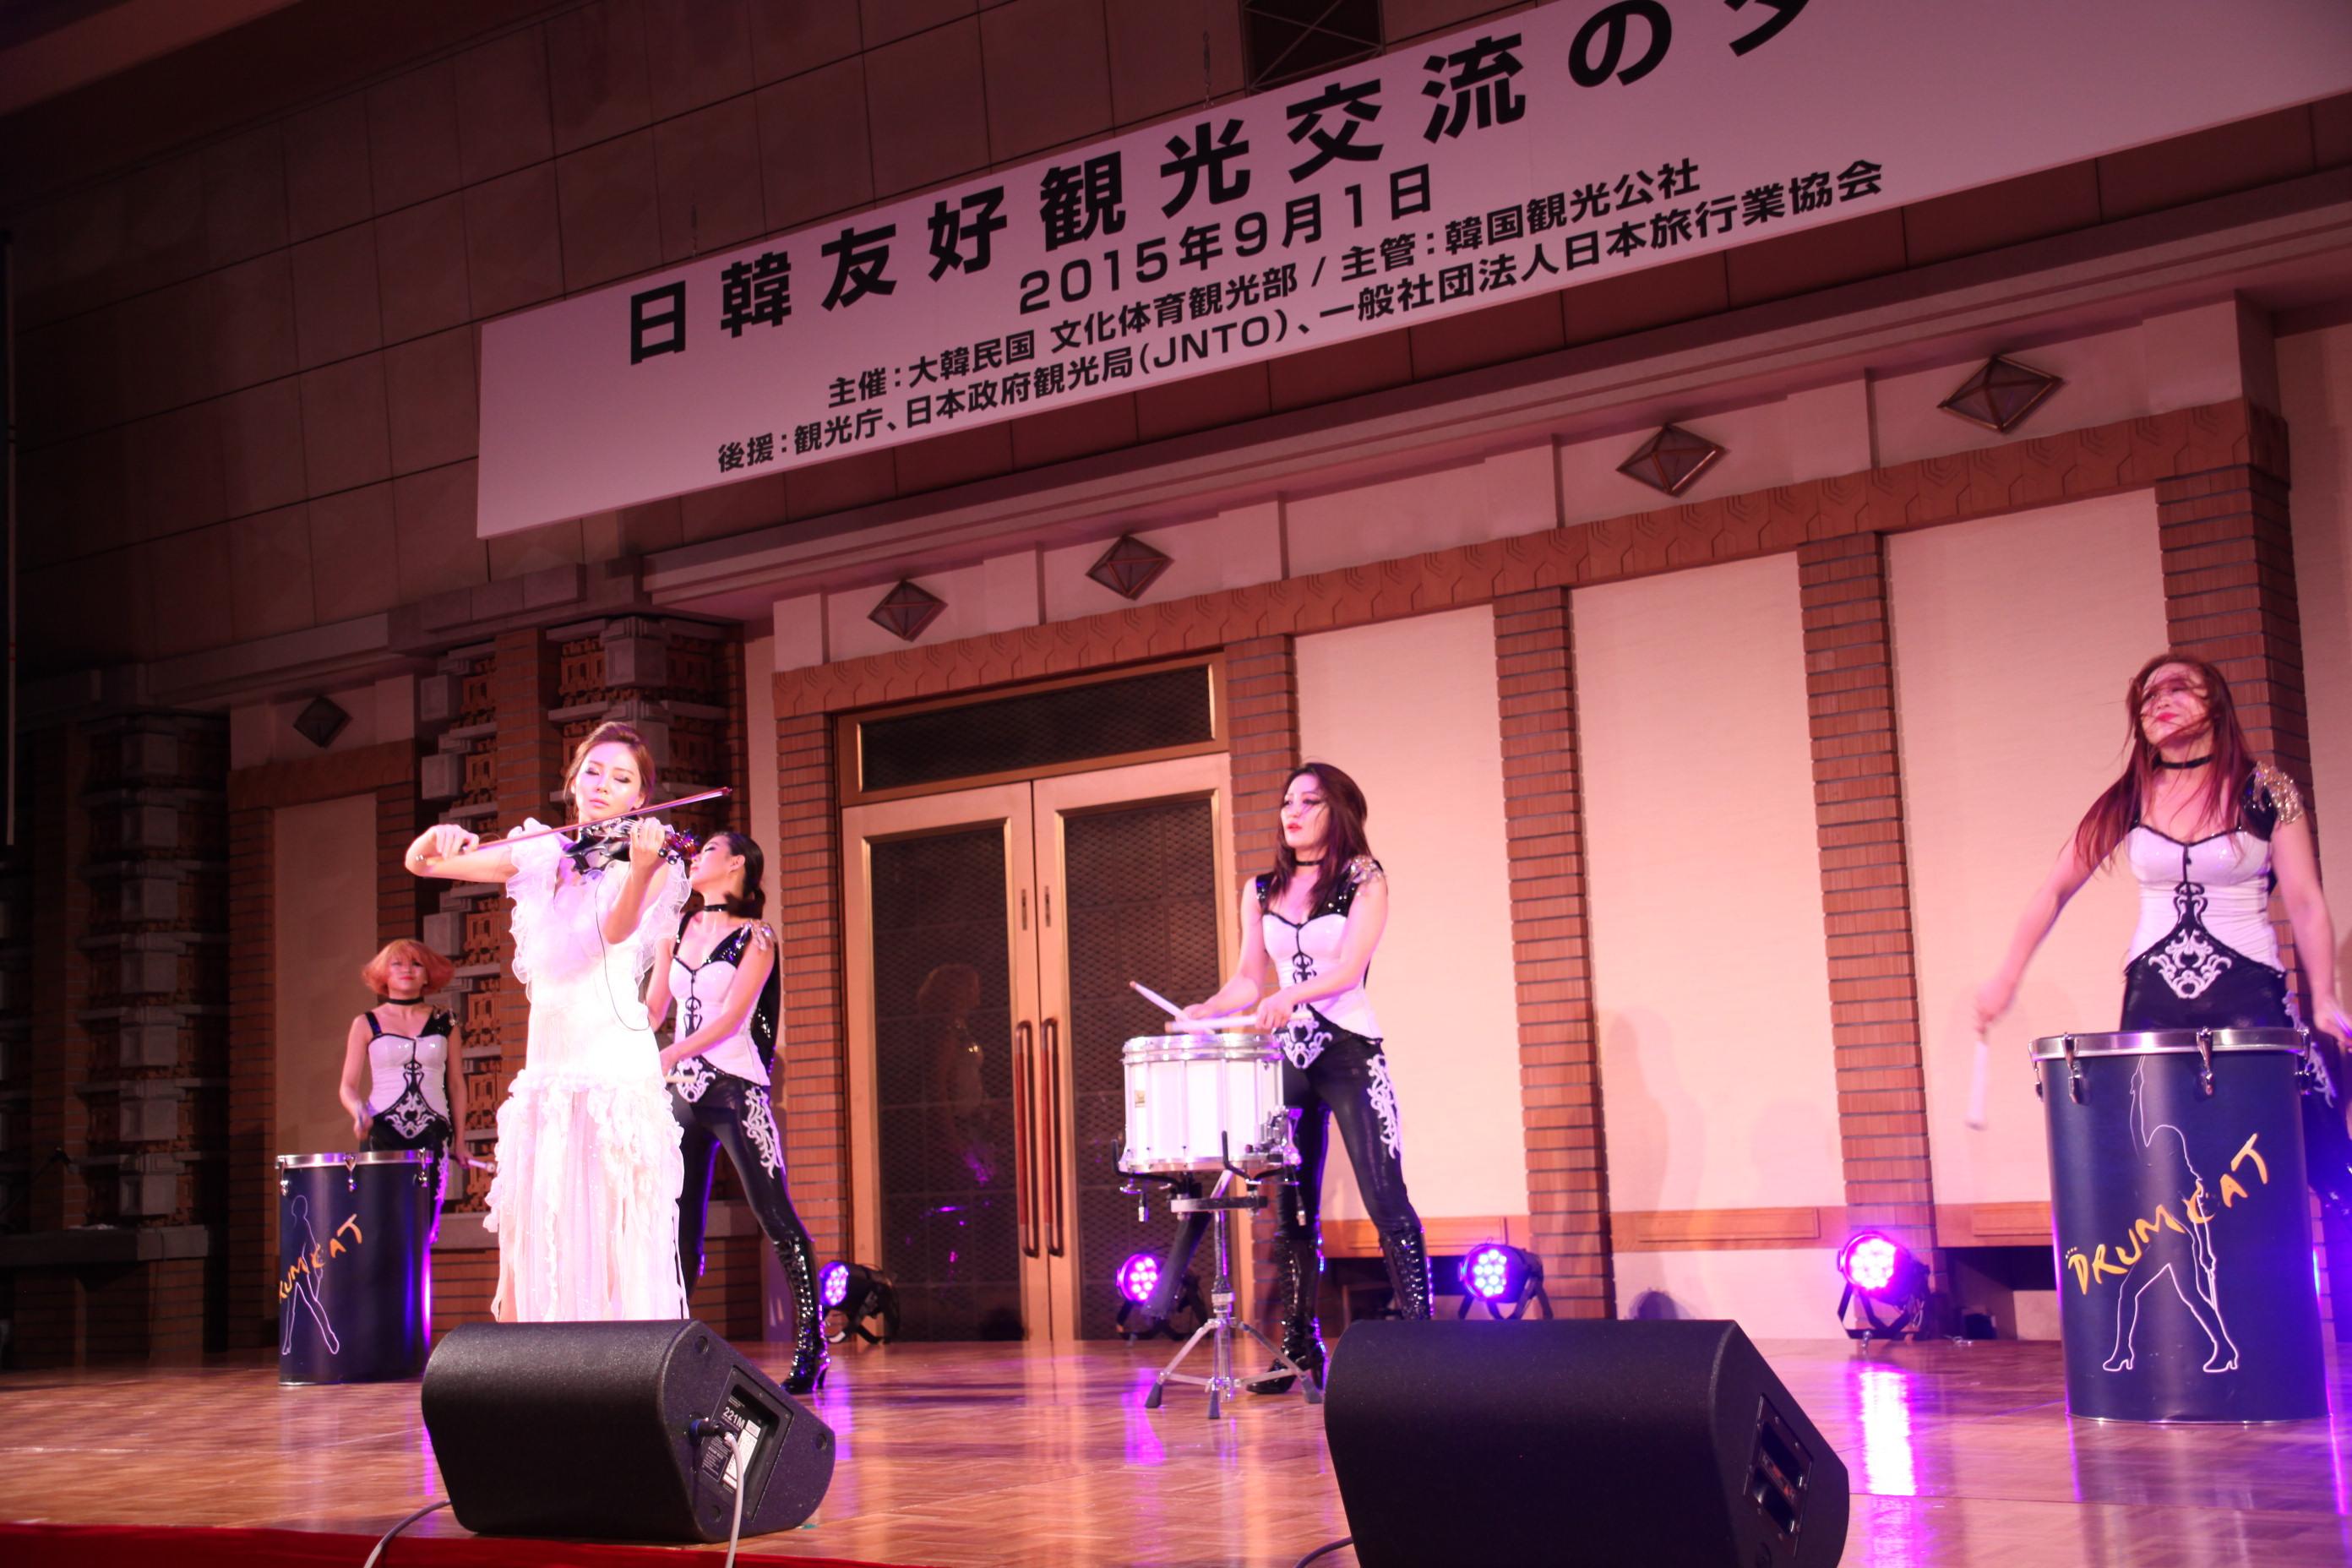 韓国、MERS終息で日本市場の早期回復へ、新作観光CMの放映開始も【動画】